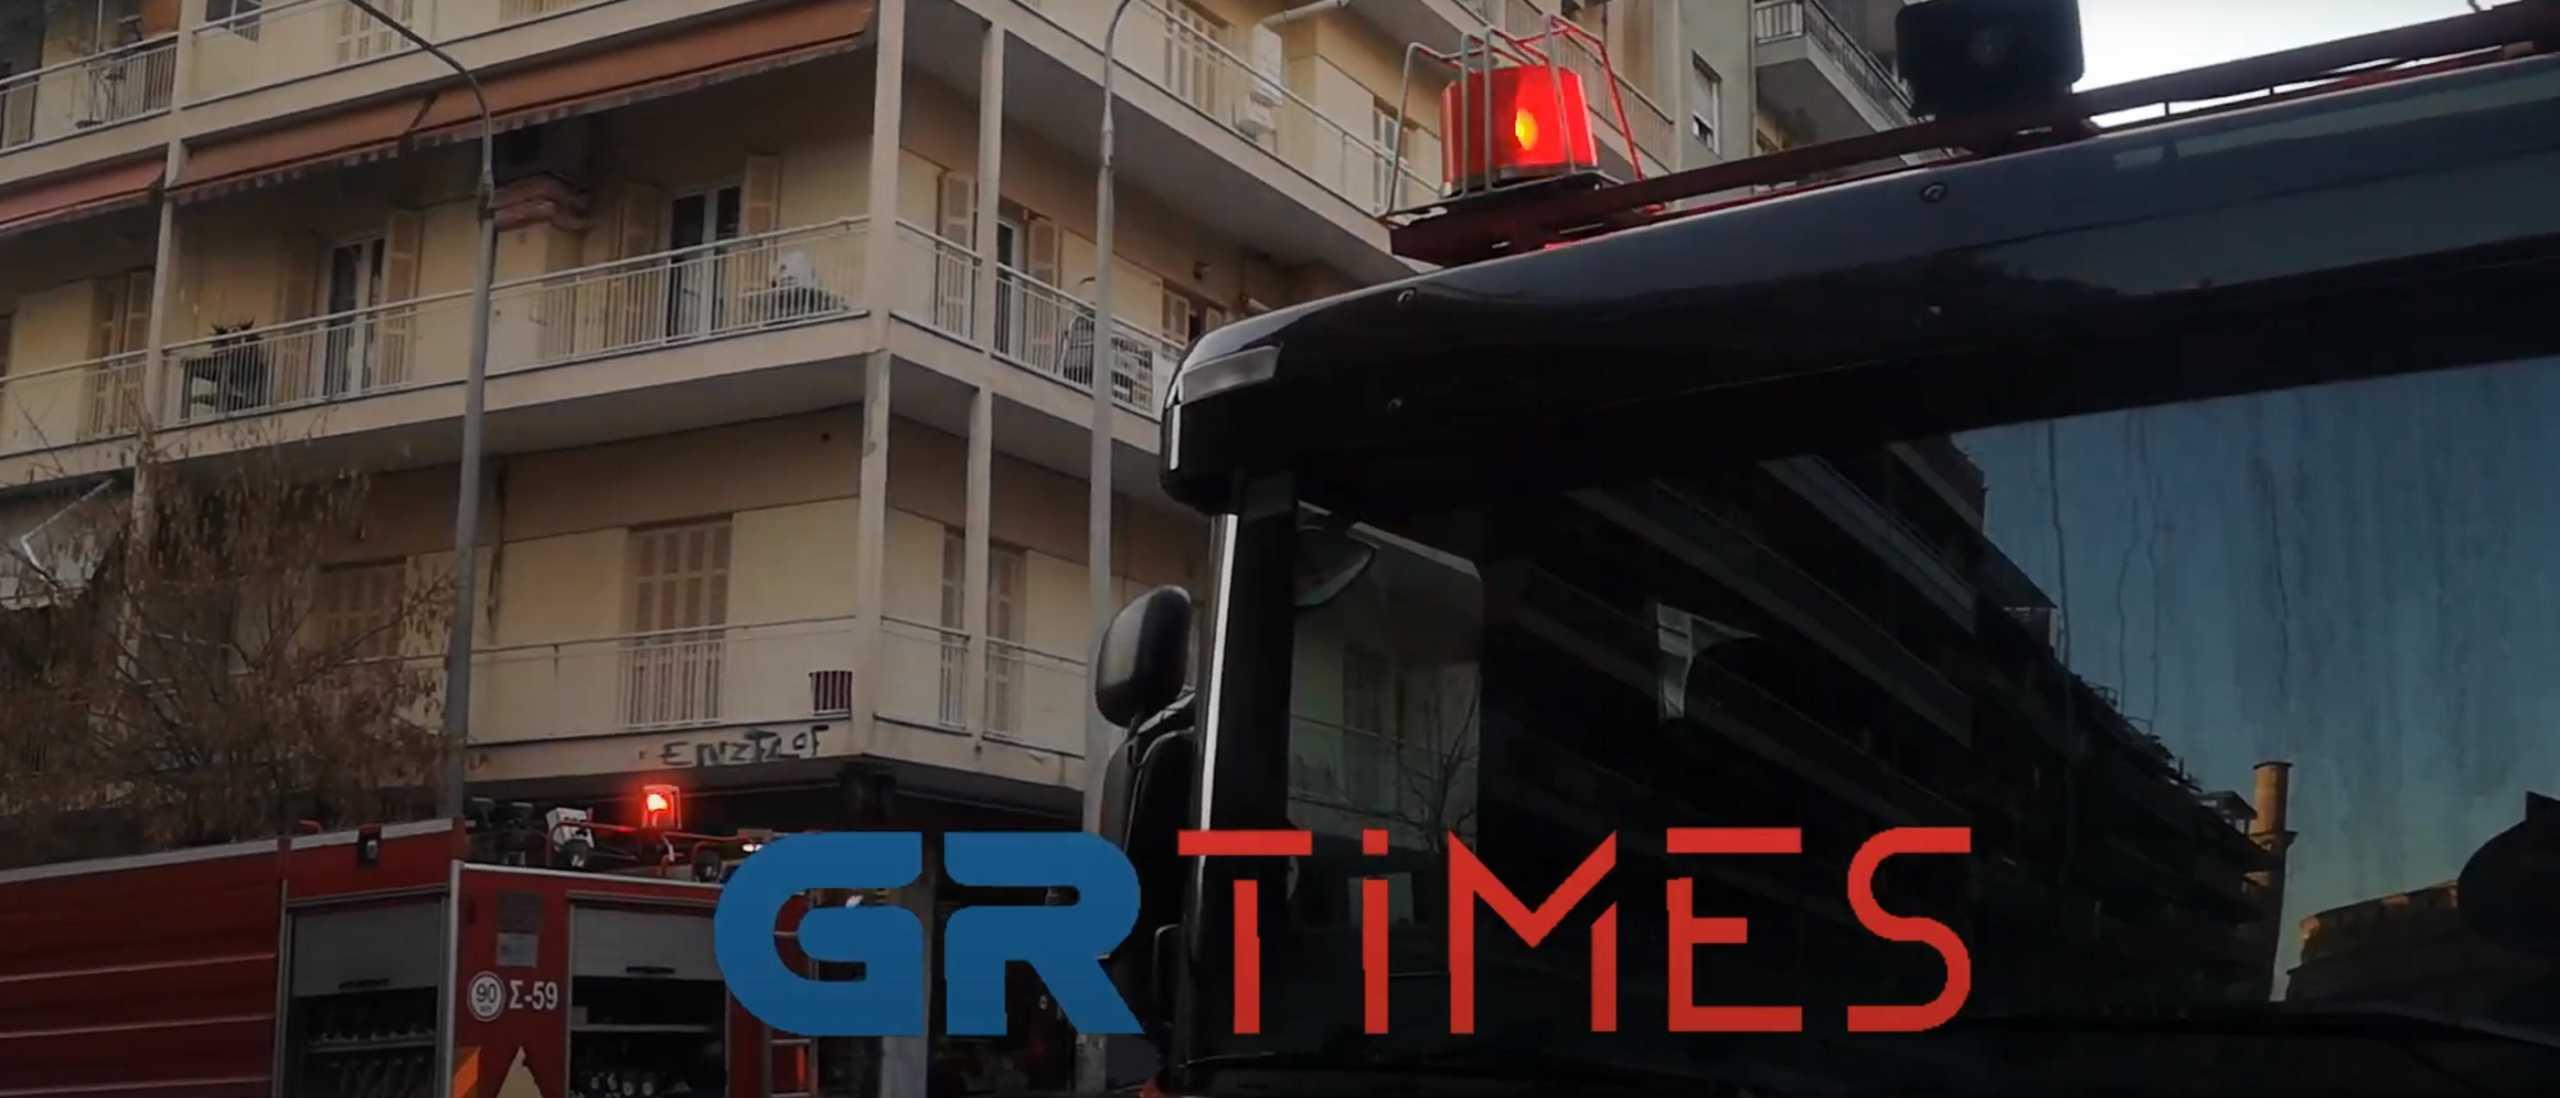 Φωτιά στη Θεσσαλονίκη – Υπόγειο κατάστημα στις φλόγες (video)